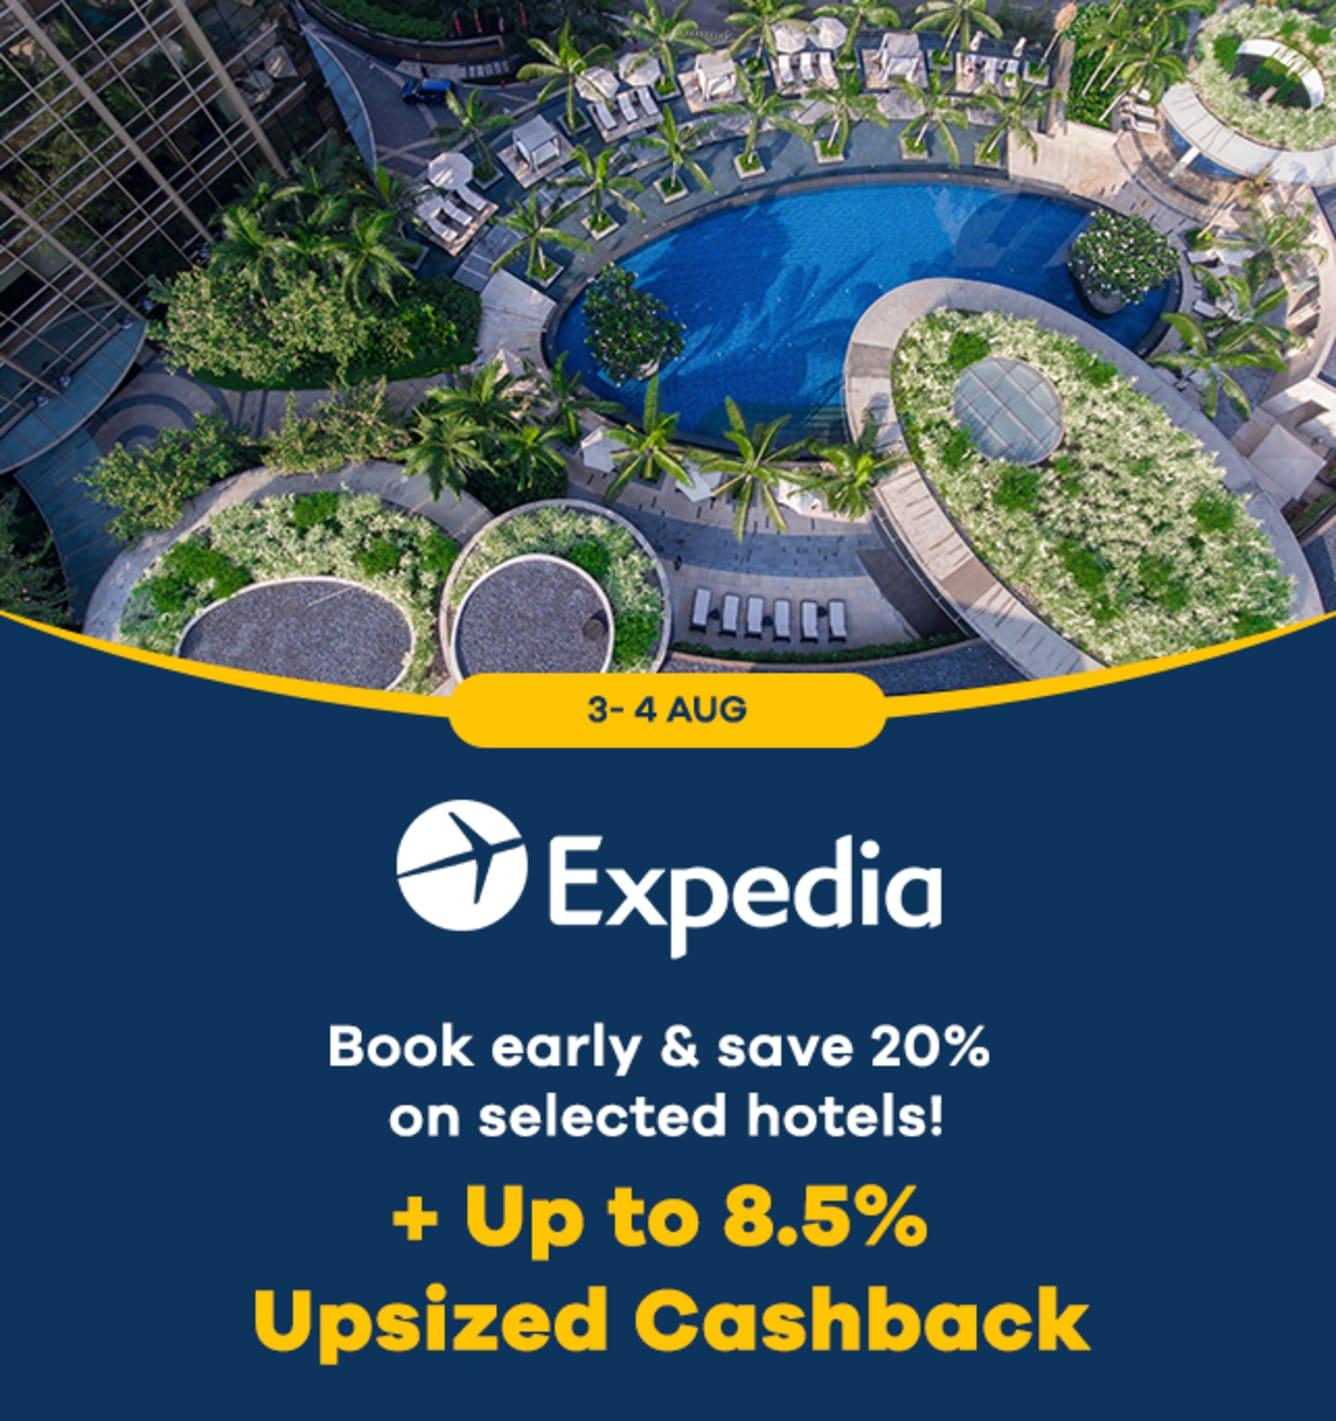 Expedia: Up to 7.5% Upsized Cashback